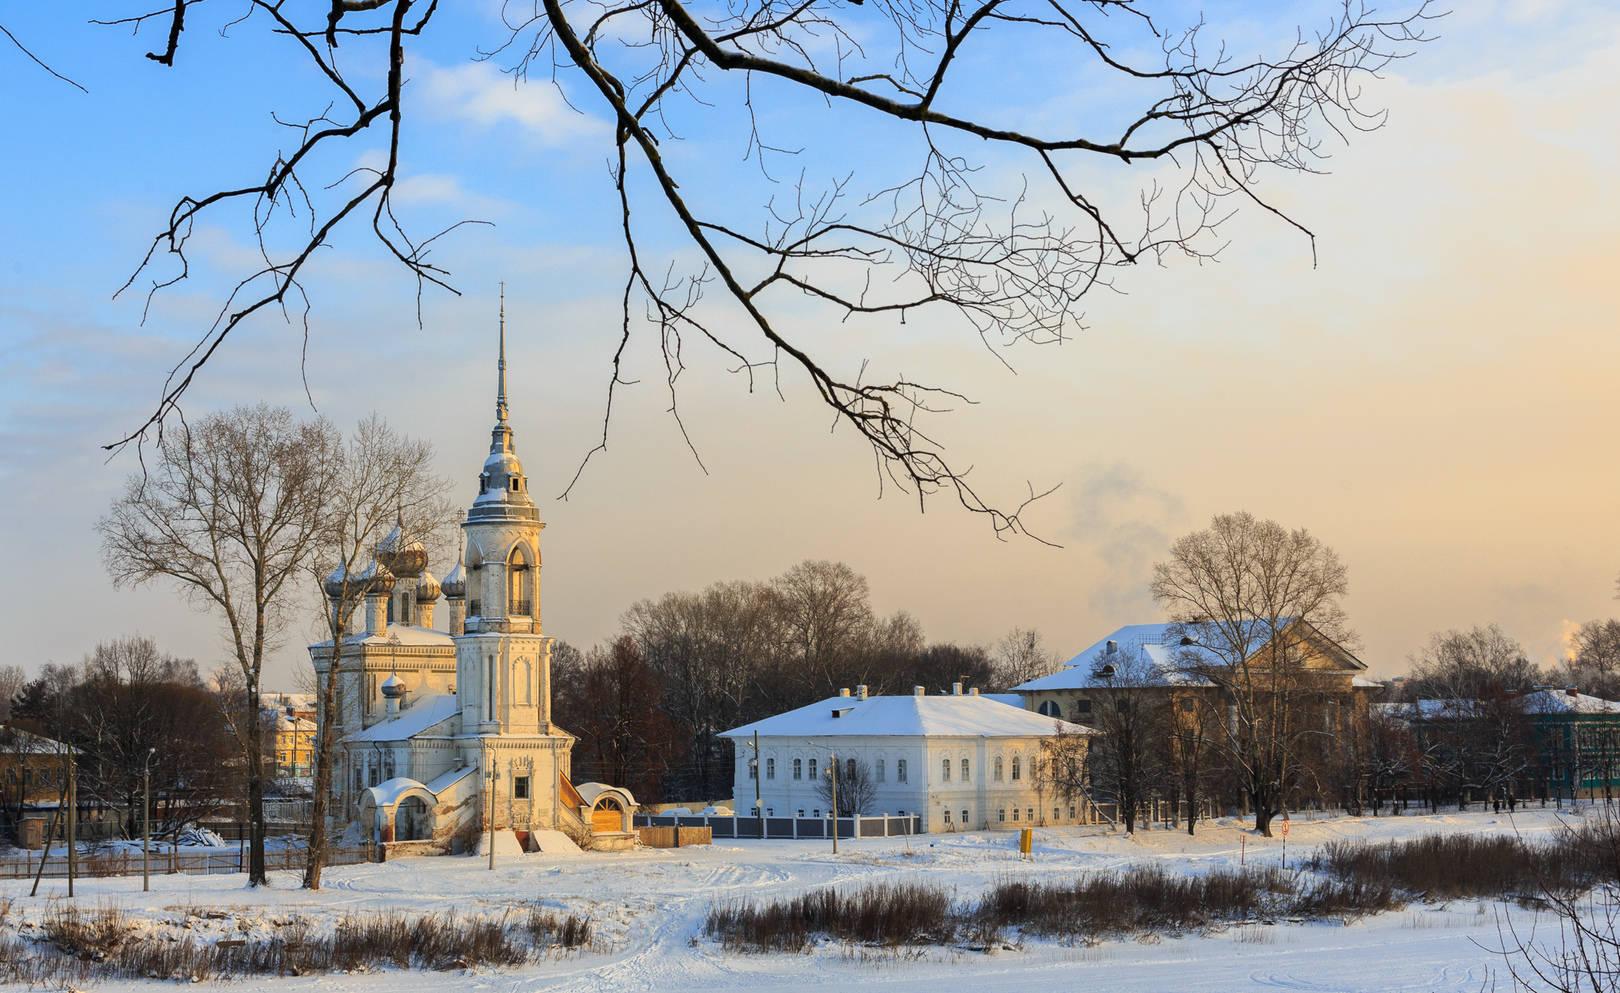 Вологодские кружева. Зима, мороз за 30. Церковь Сретения Господня